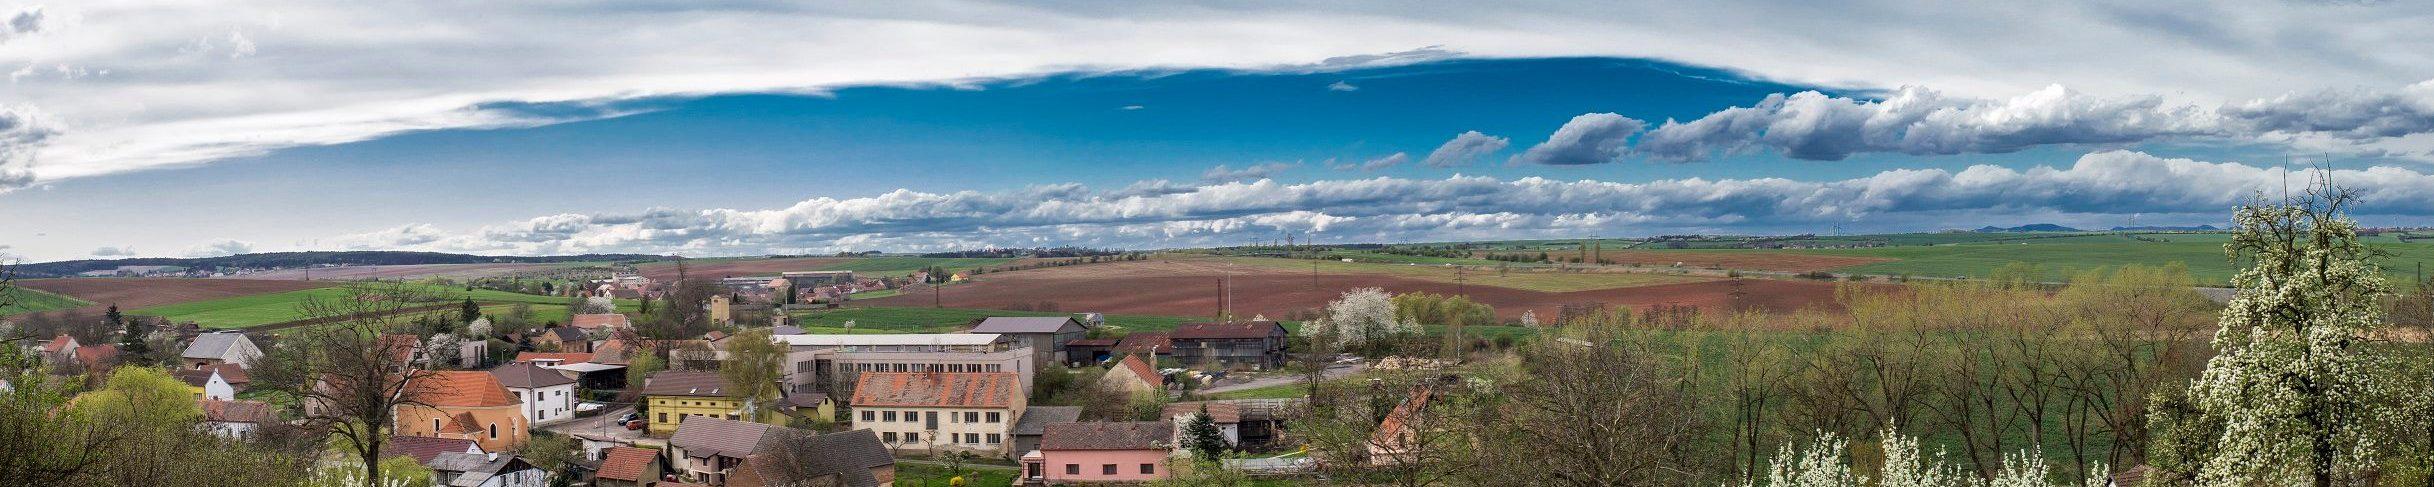 obec Hořešovice